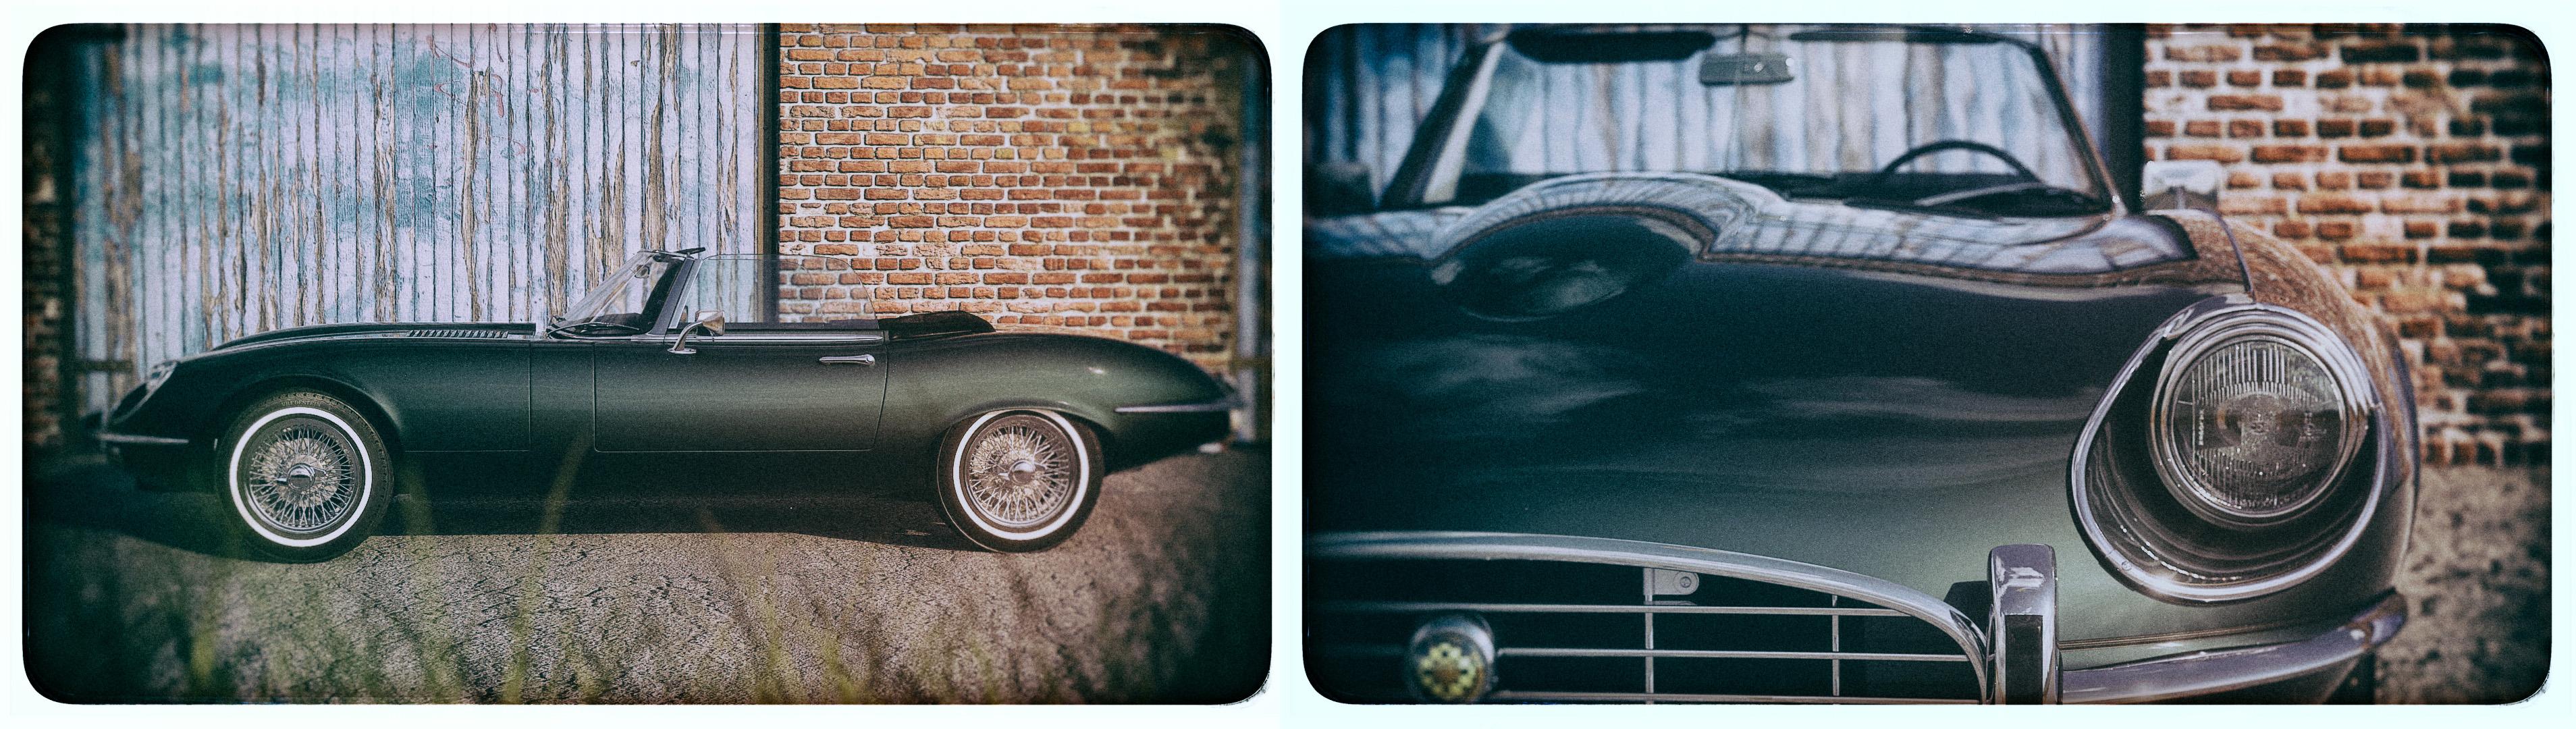 1970 Jaguar E-type by Karim Guelmi